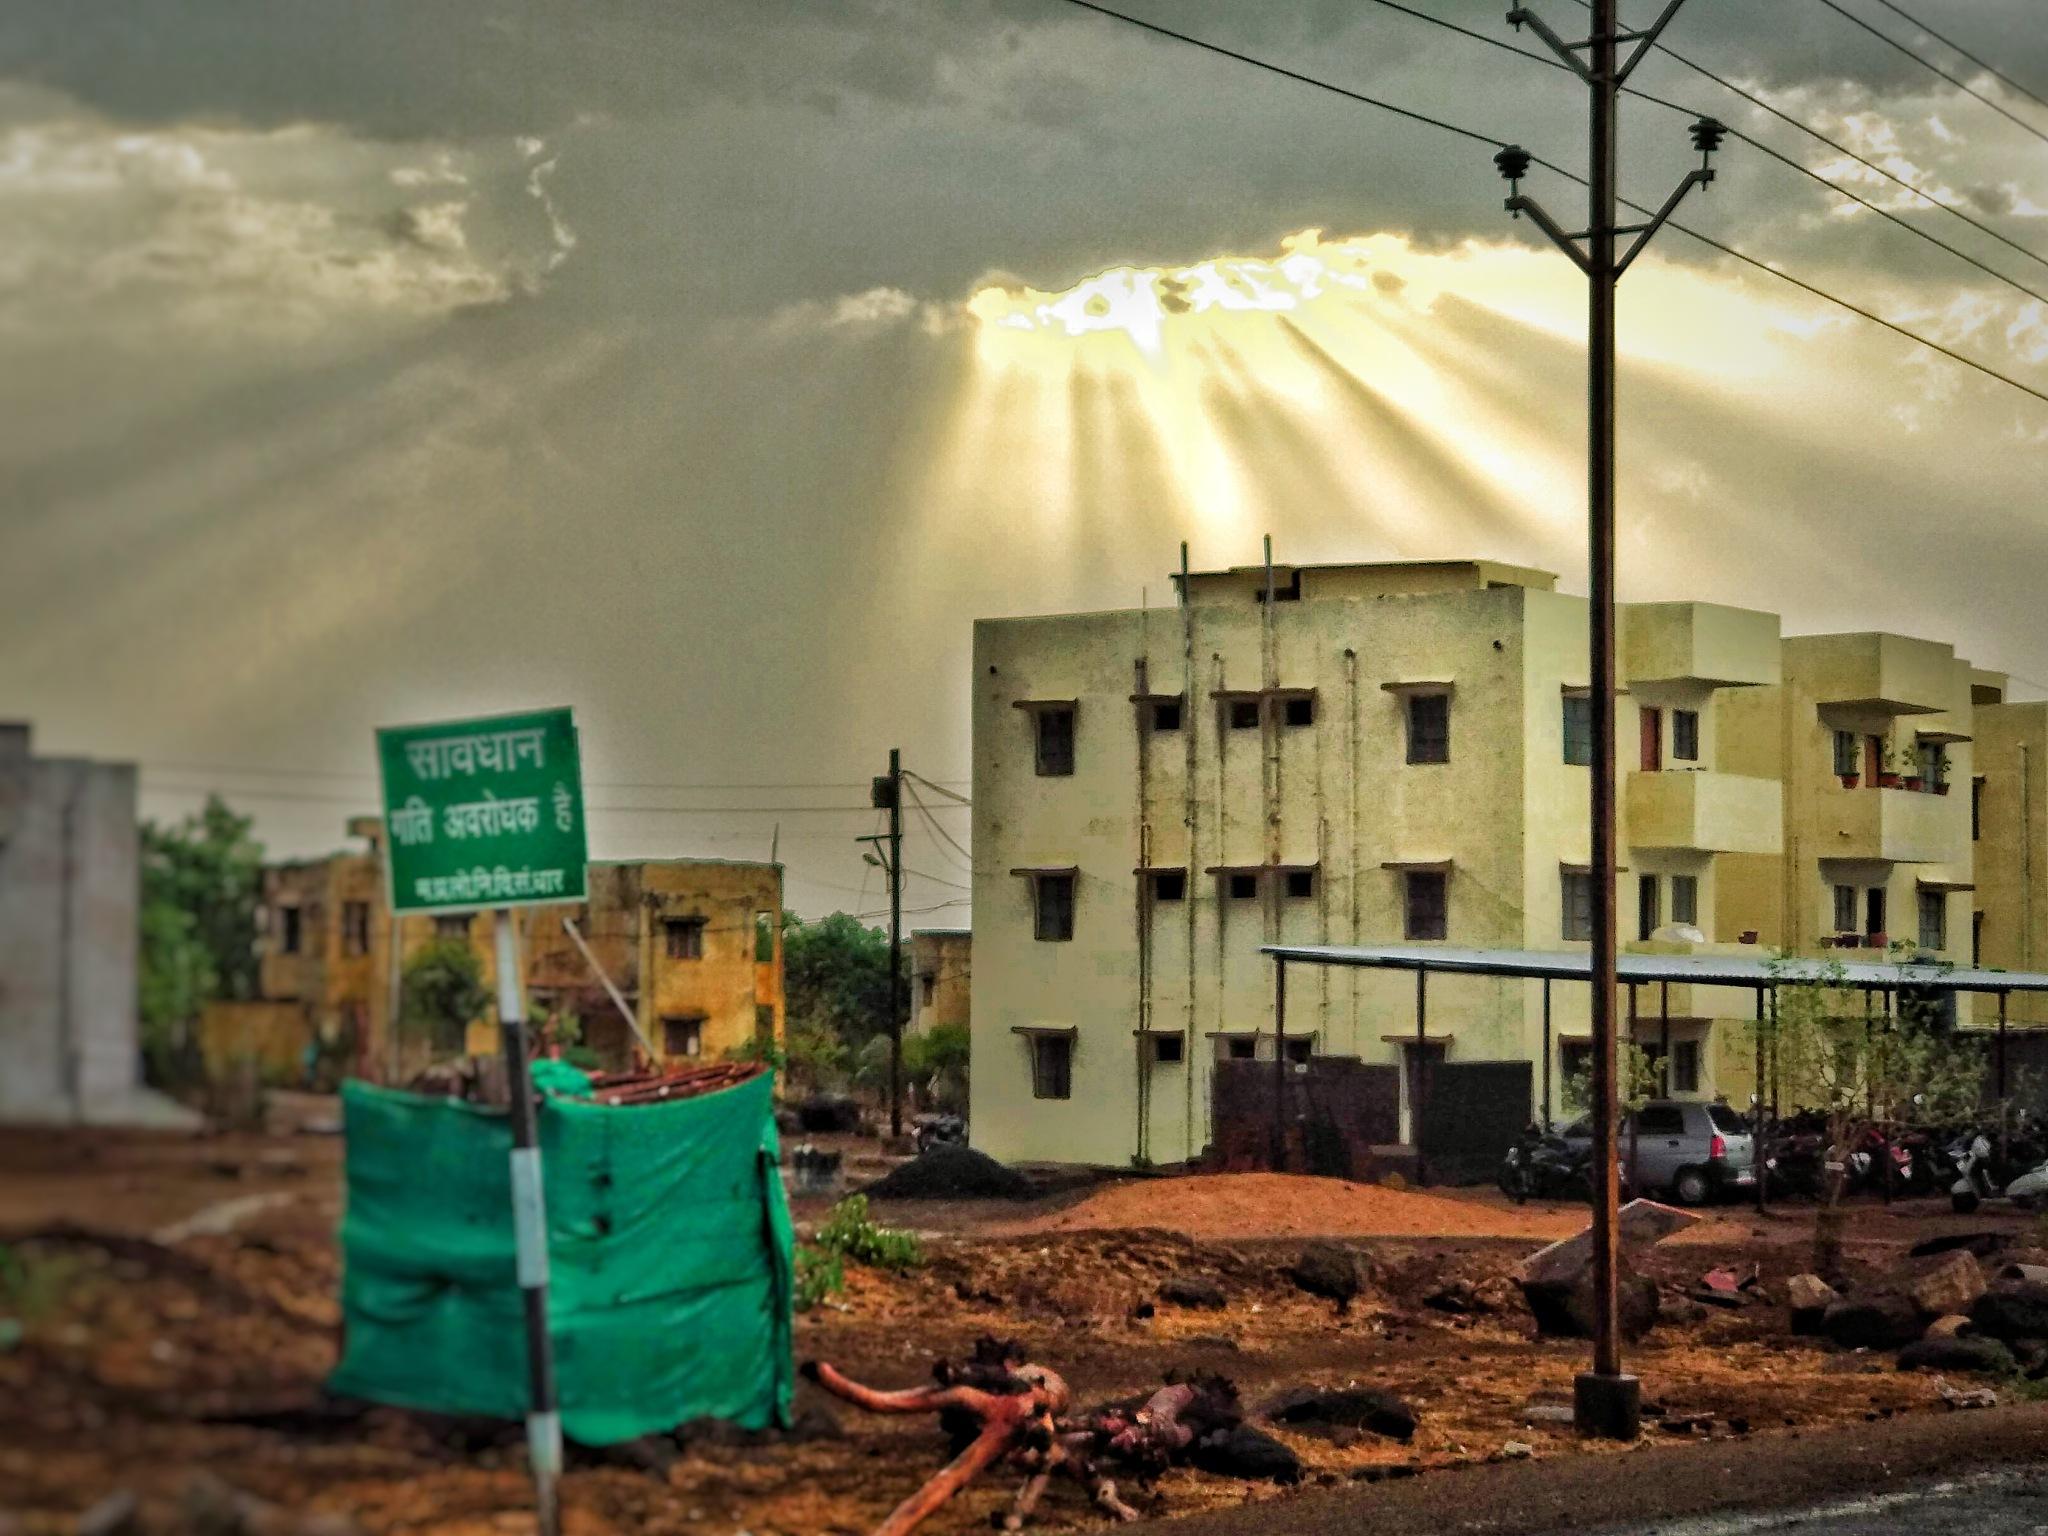 Untitled by Bhupendra Masaniya